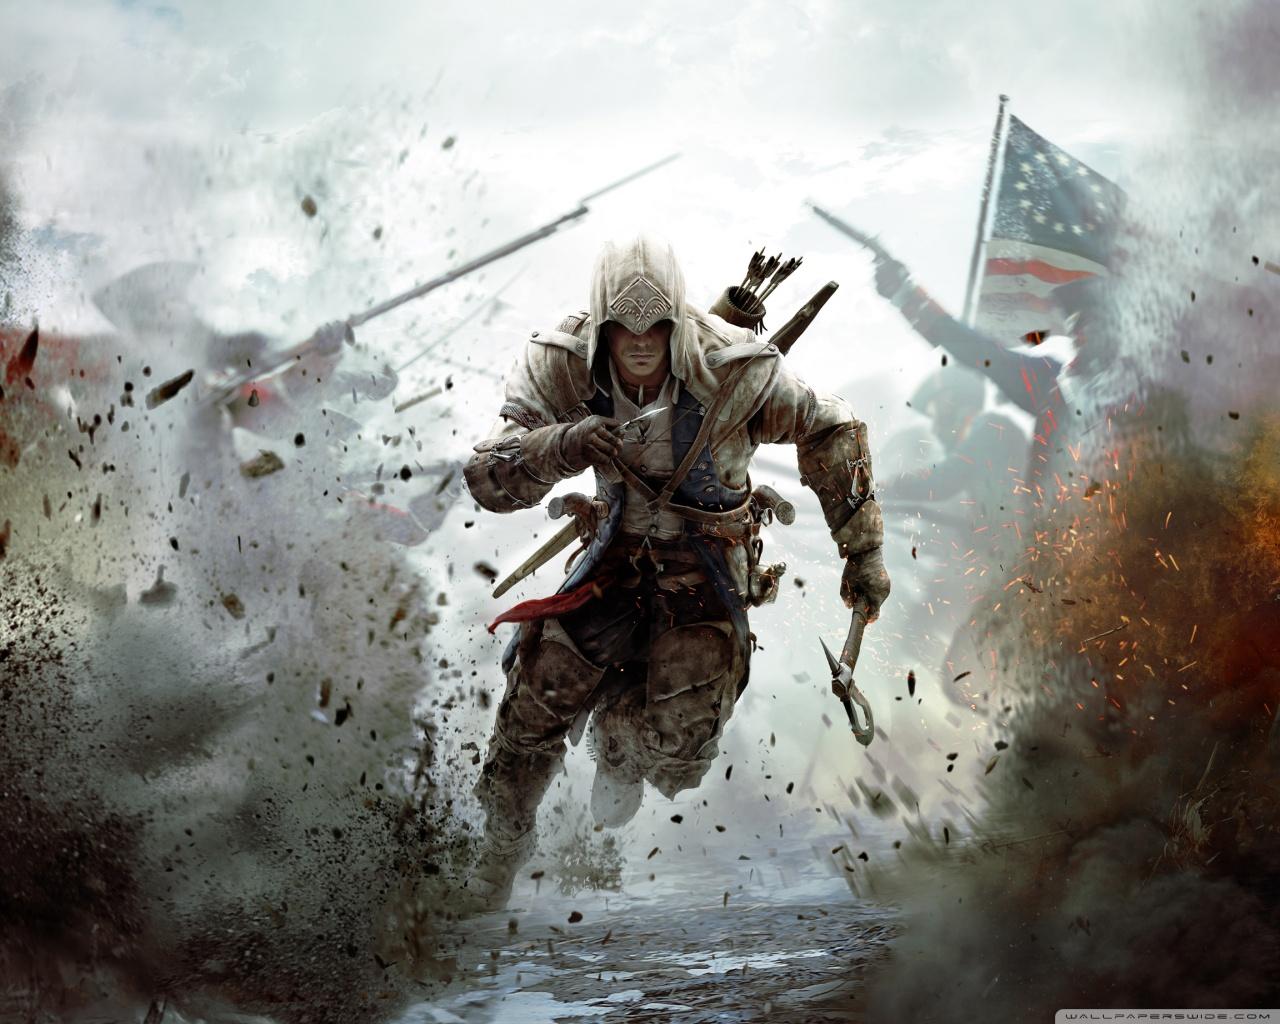 Assassins Creed 3 Connor Running HD desktop wallpaper 1280x1024